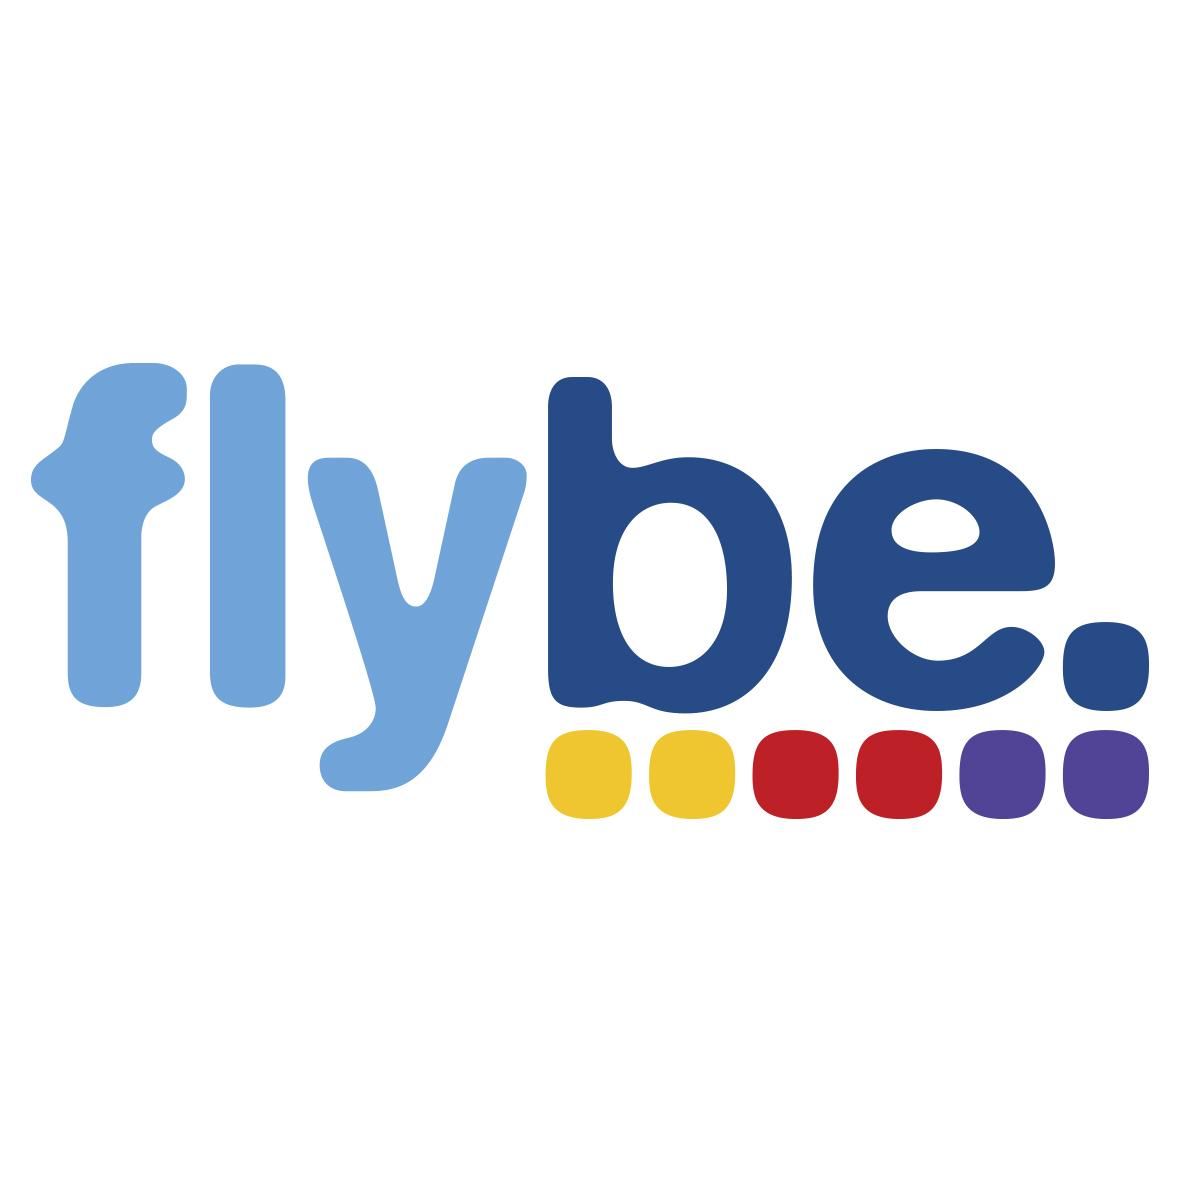 Flybe_logo.jpg